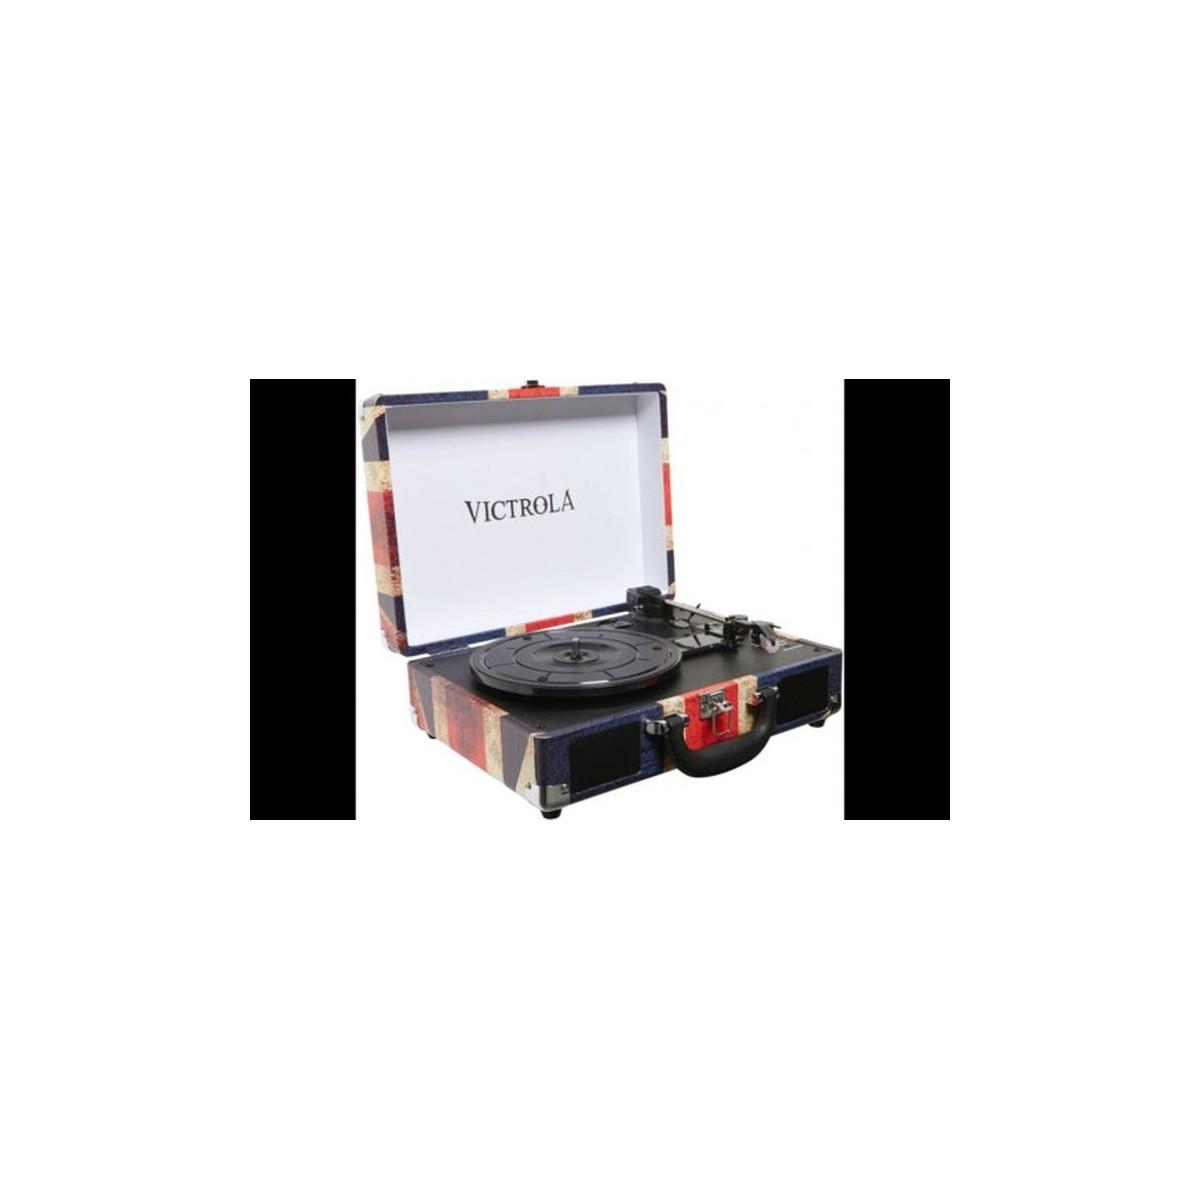 VICTROLA VSC-550BT-UK-EU